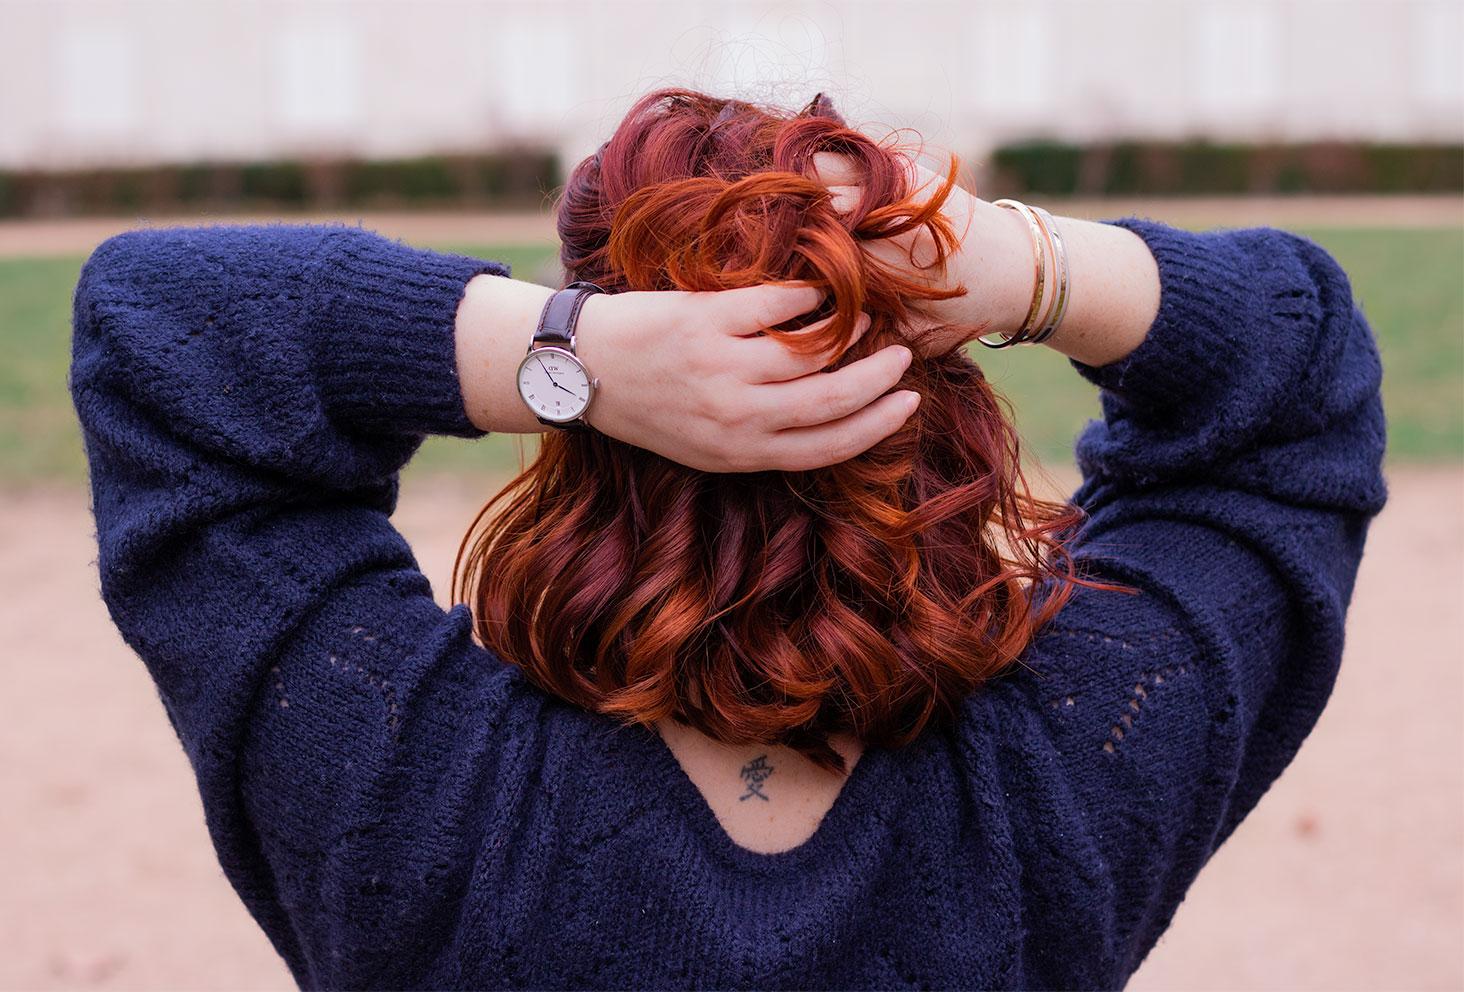 Zoom sur la montre marron Daniel Wellington, les mains dans les cheveux roux bouclés, de dos